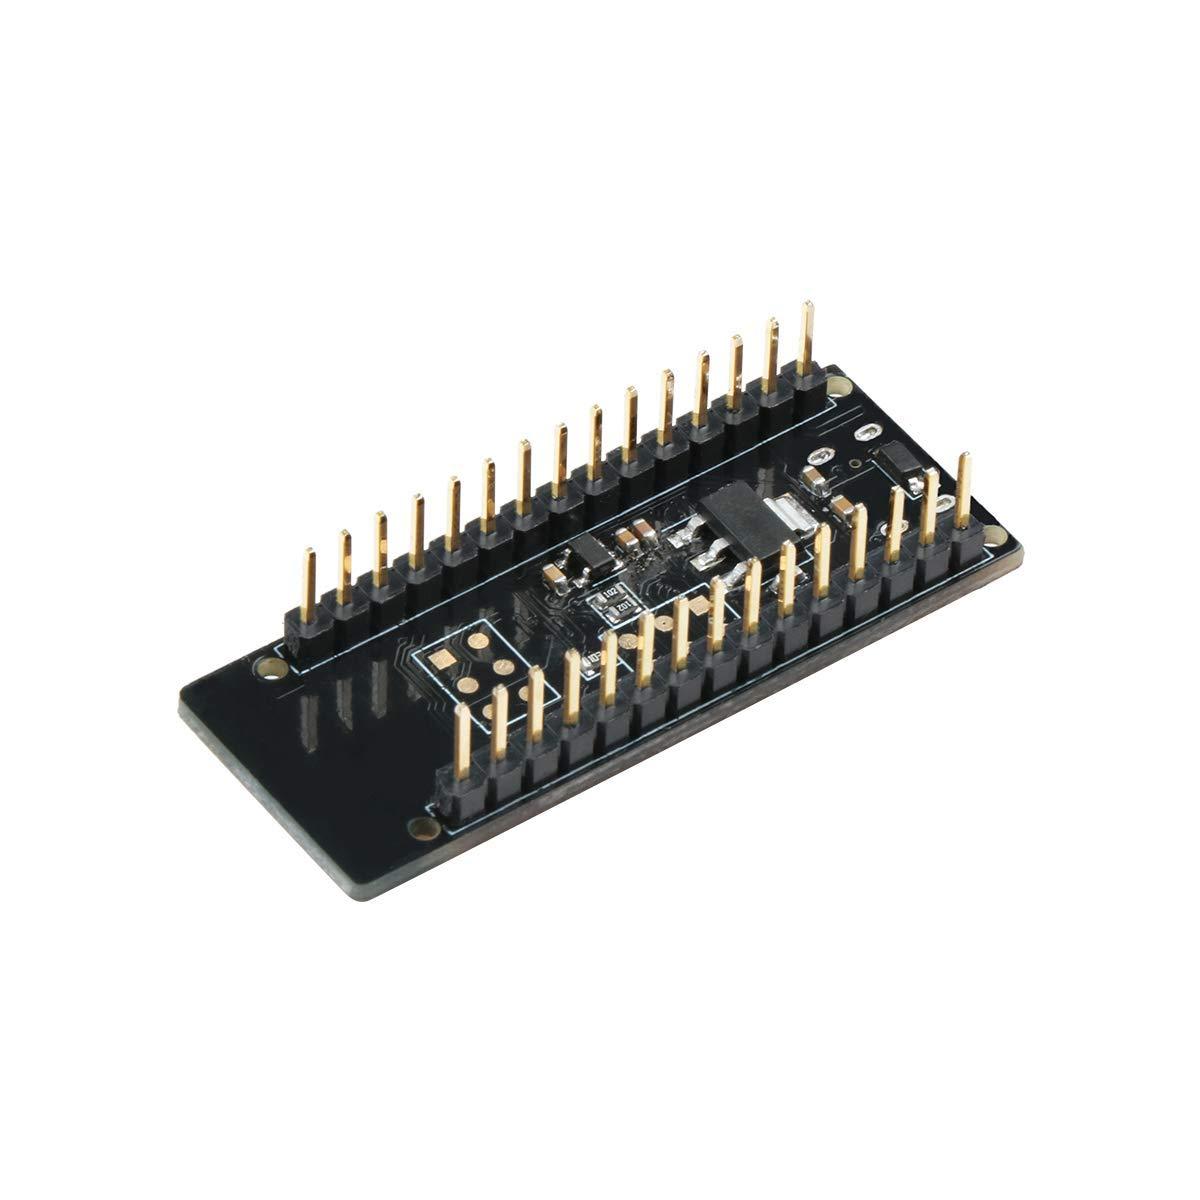 Keywish RF-Nano for Arduino Nano V3.0 Integrate nRF24L01 Wireless Module Mirco USB Board ATmega328P Micro-Controller Board Compatible with Arduino Nano V3.0 2 Pcs